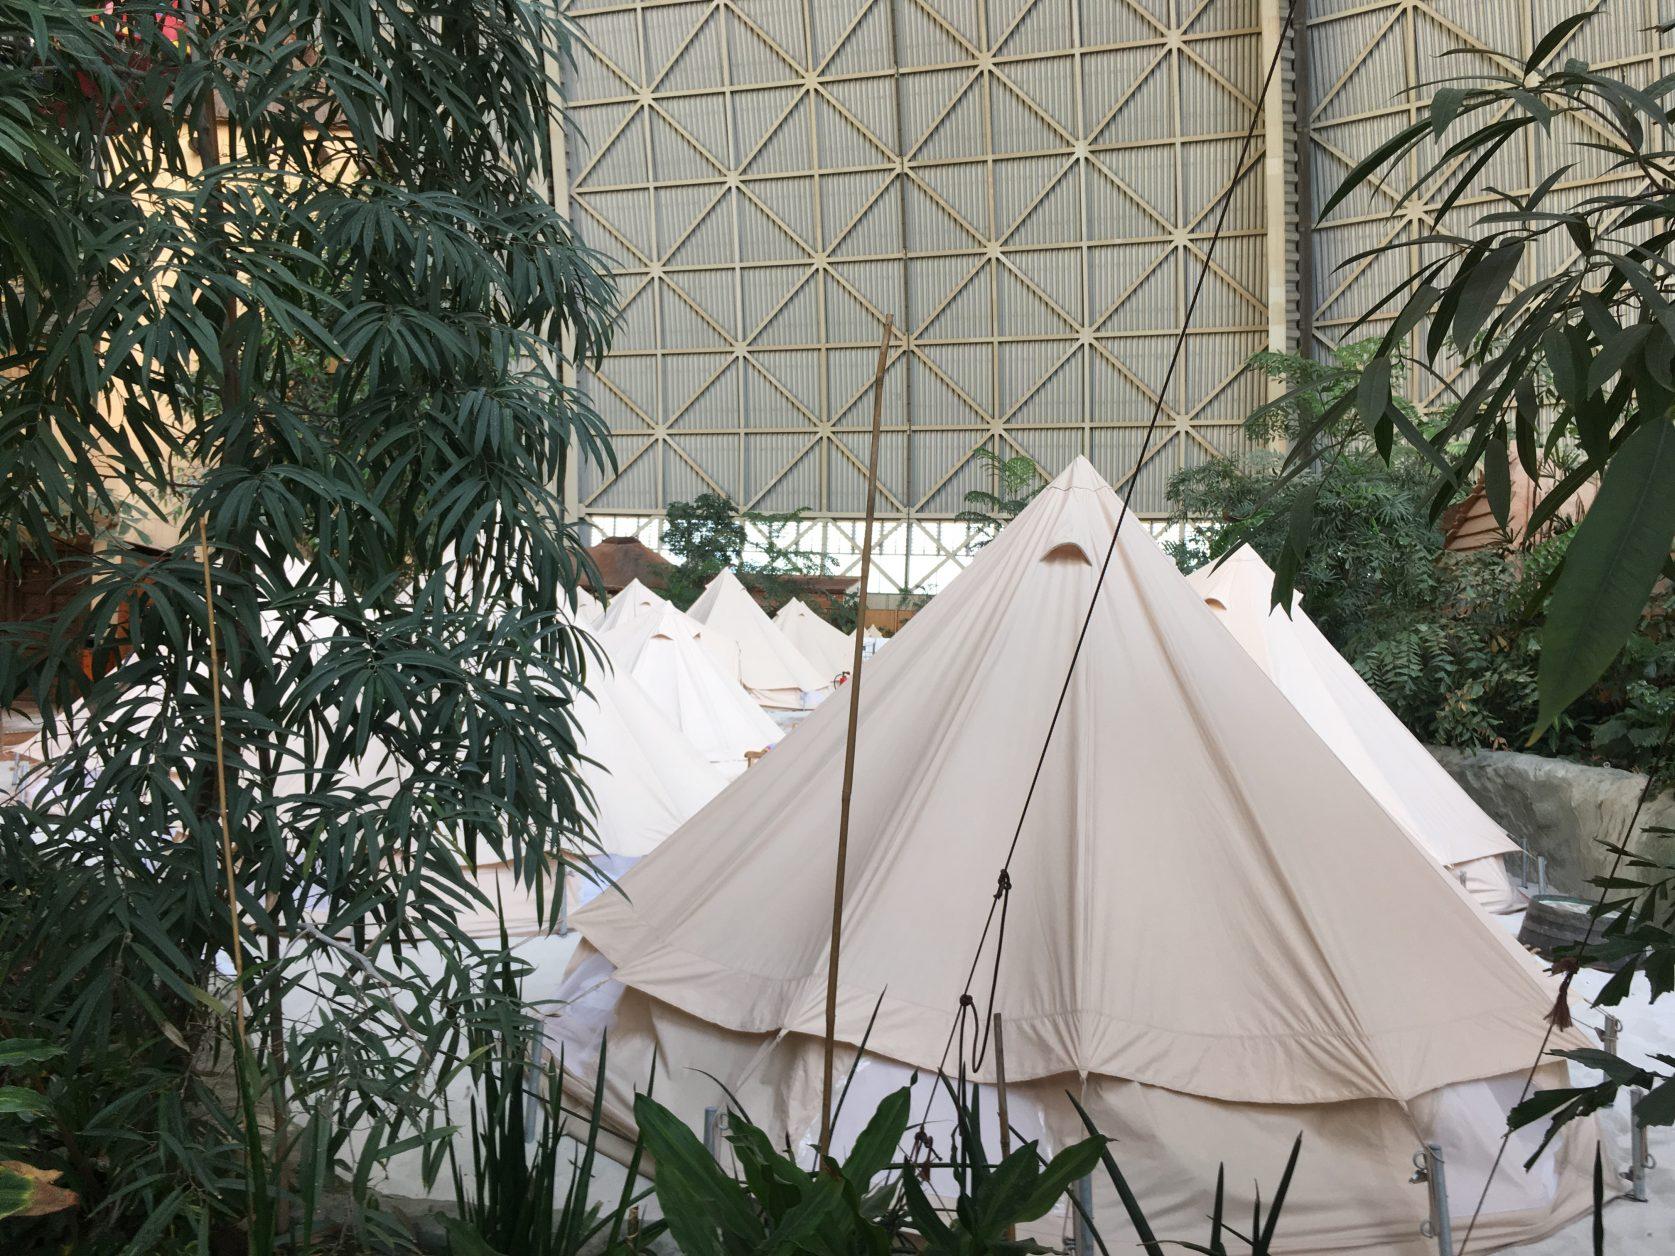 Die Zelte sind meistens ausgebucht, Foto: D.Weirauch